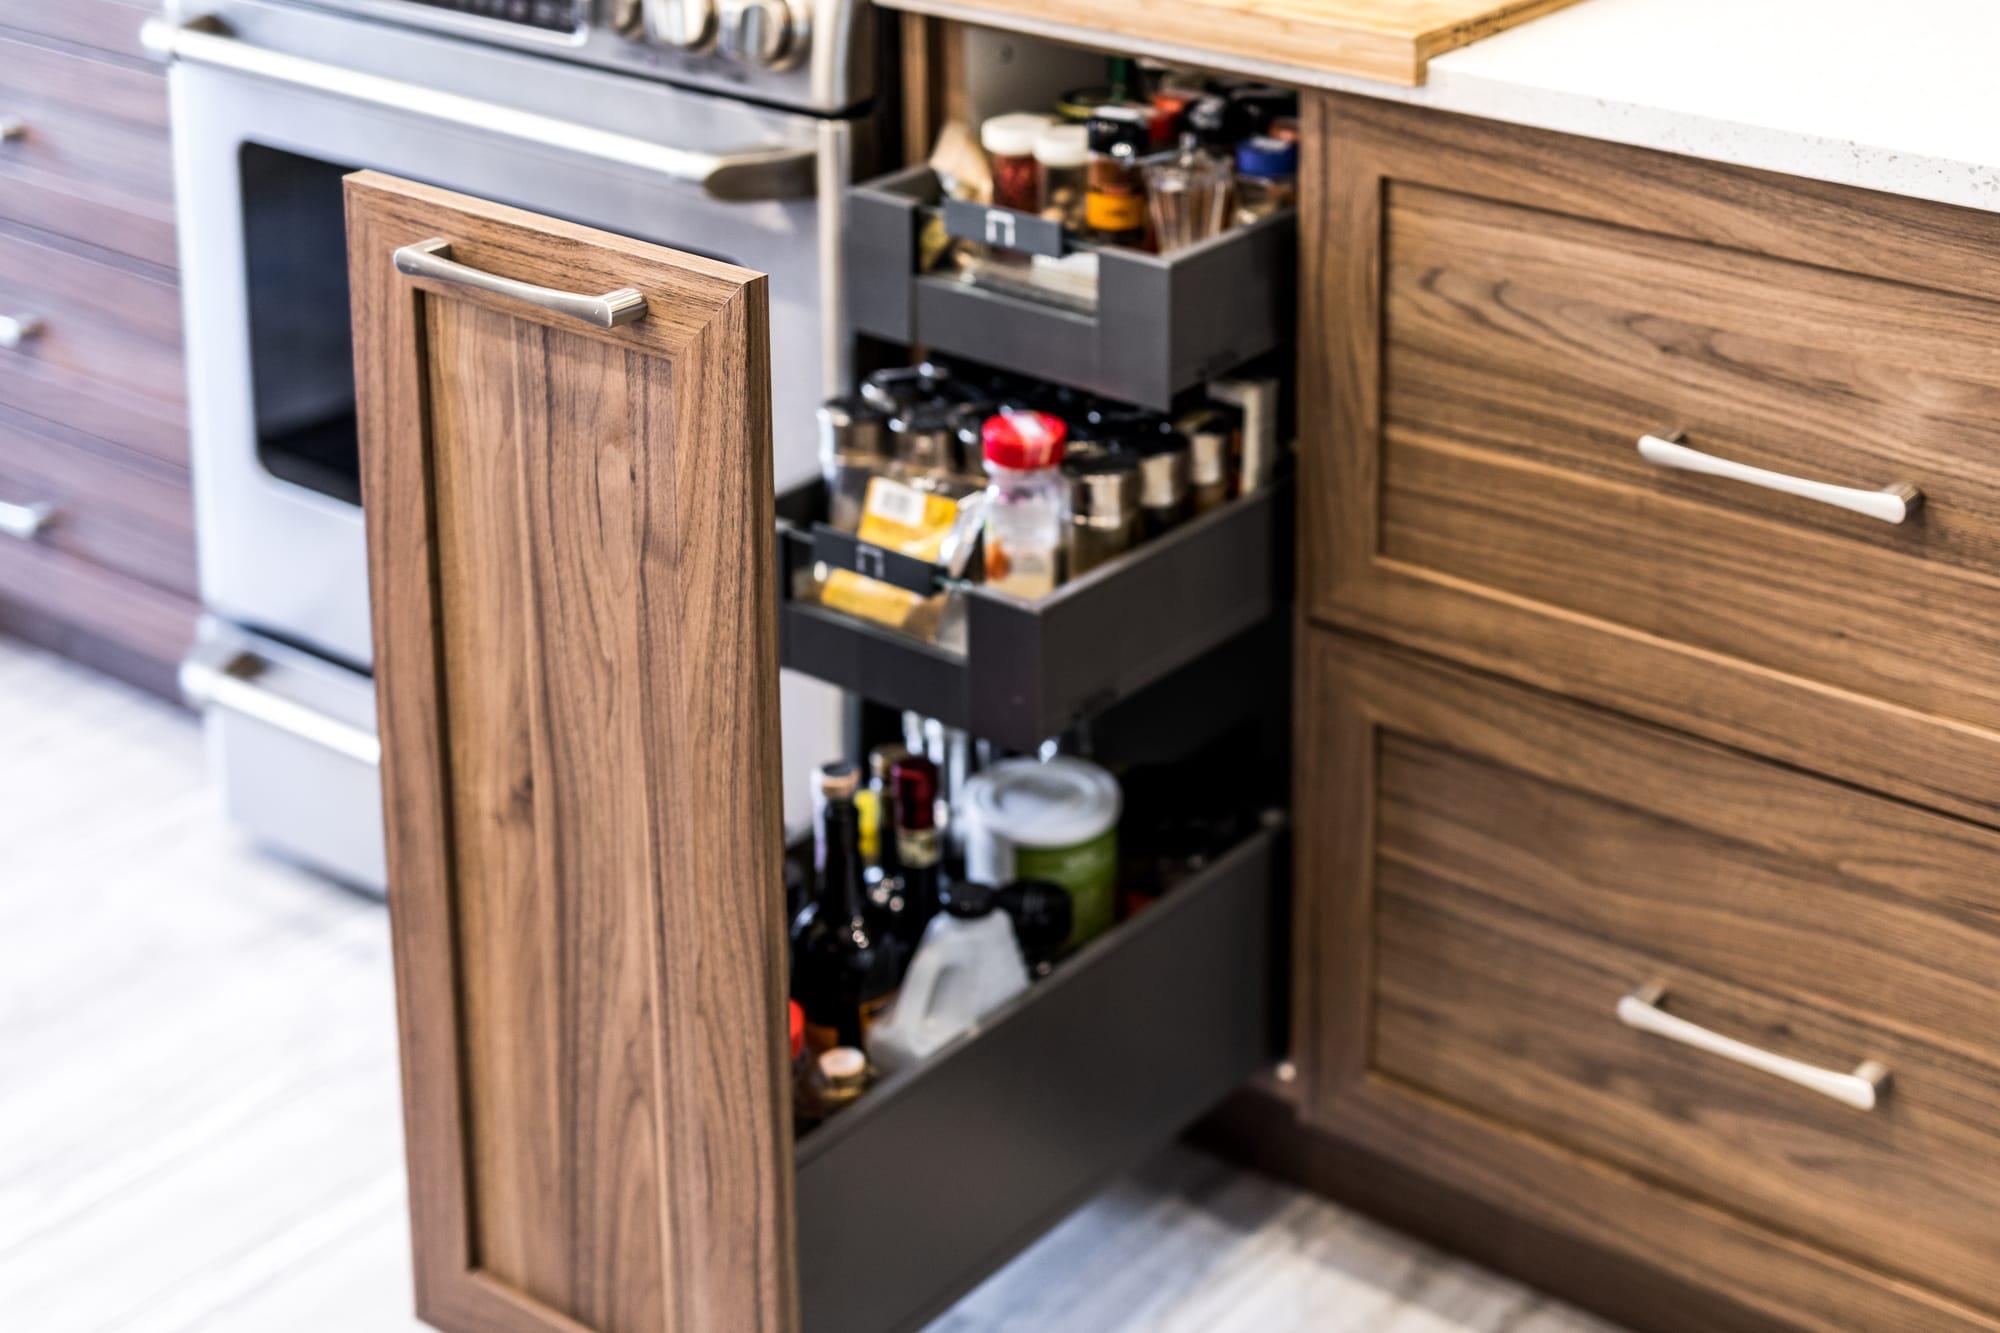 tiroir à épices dans une armoire coulissante brune